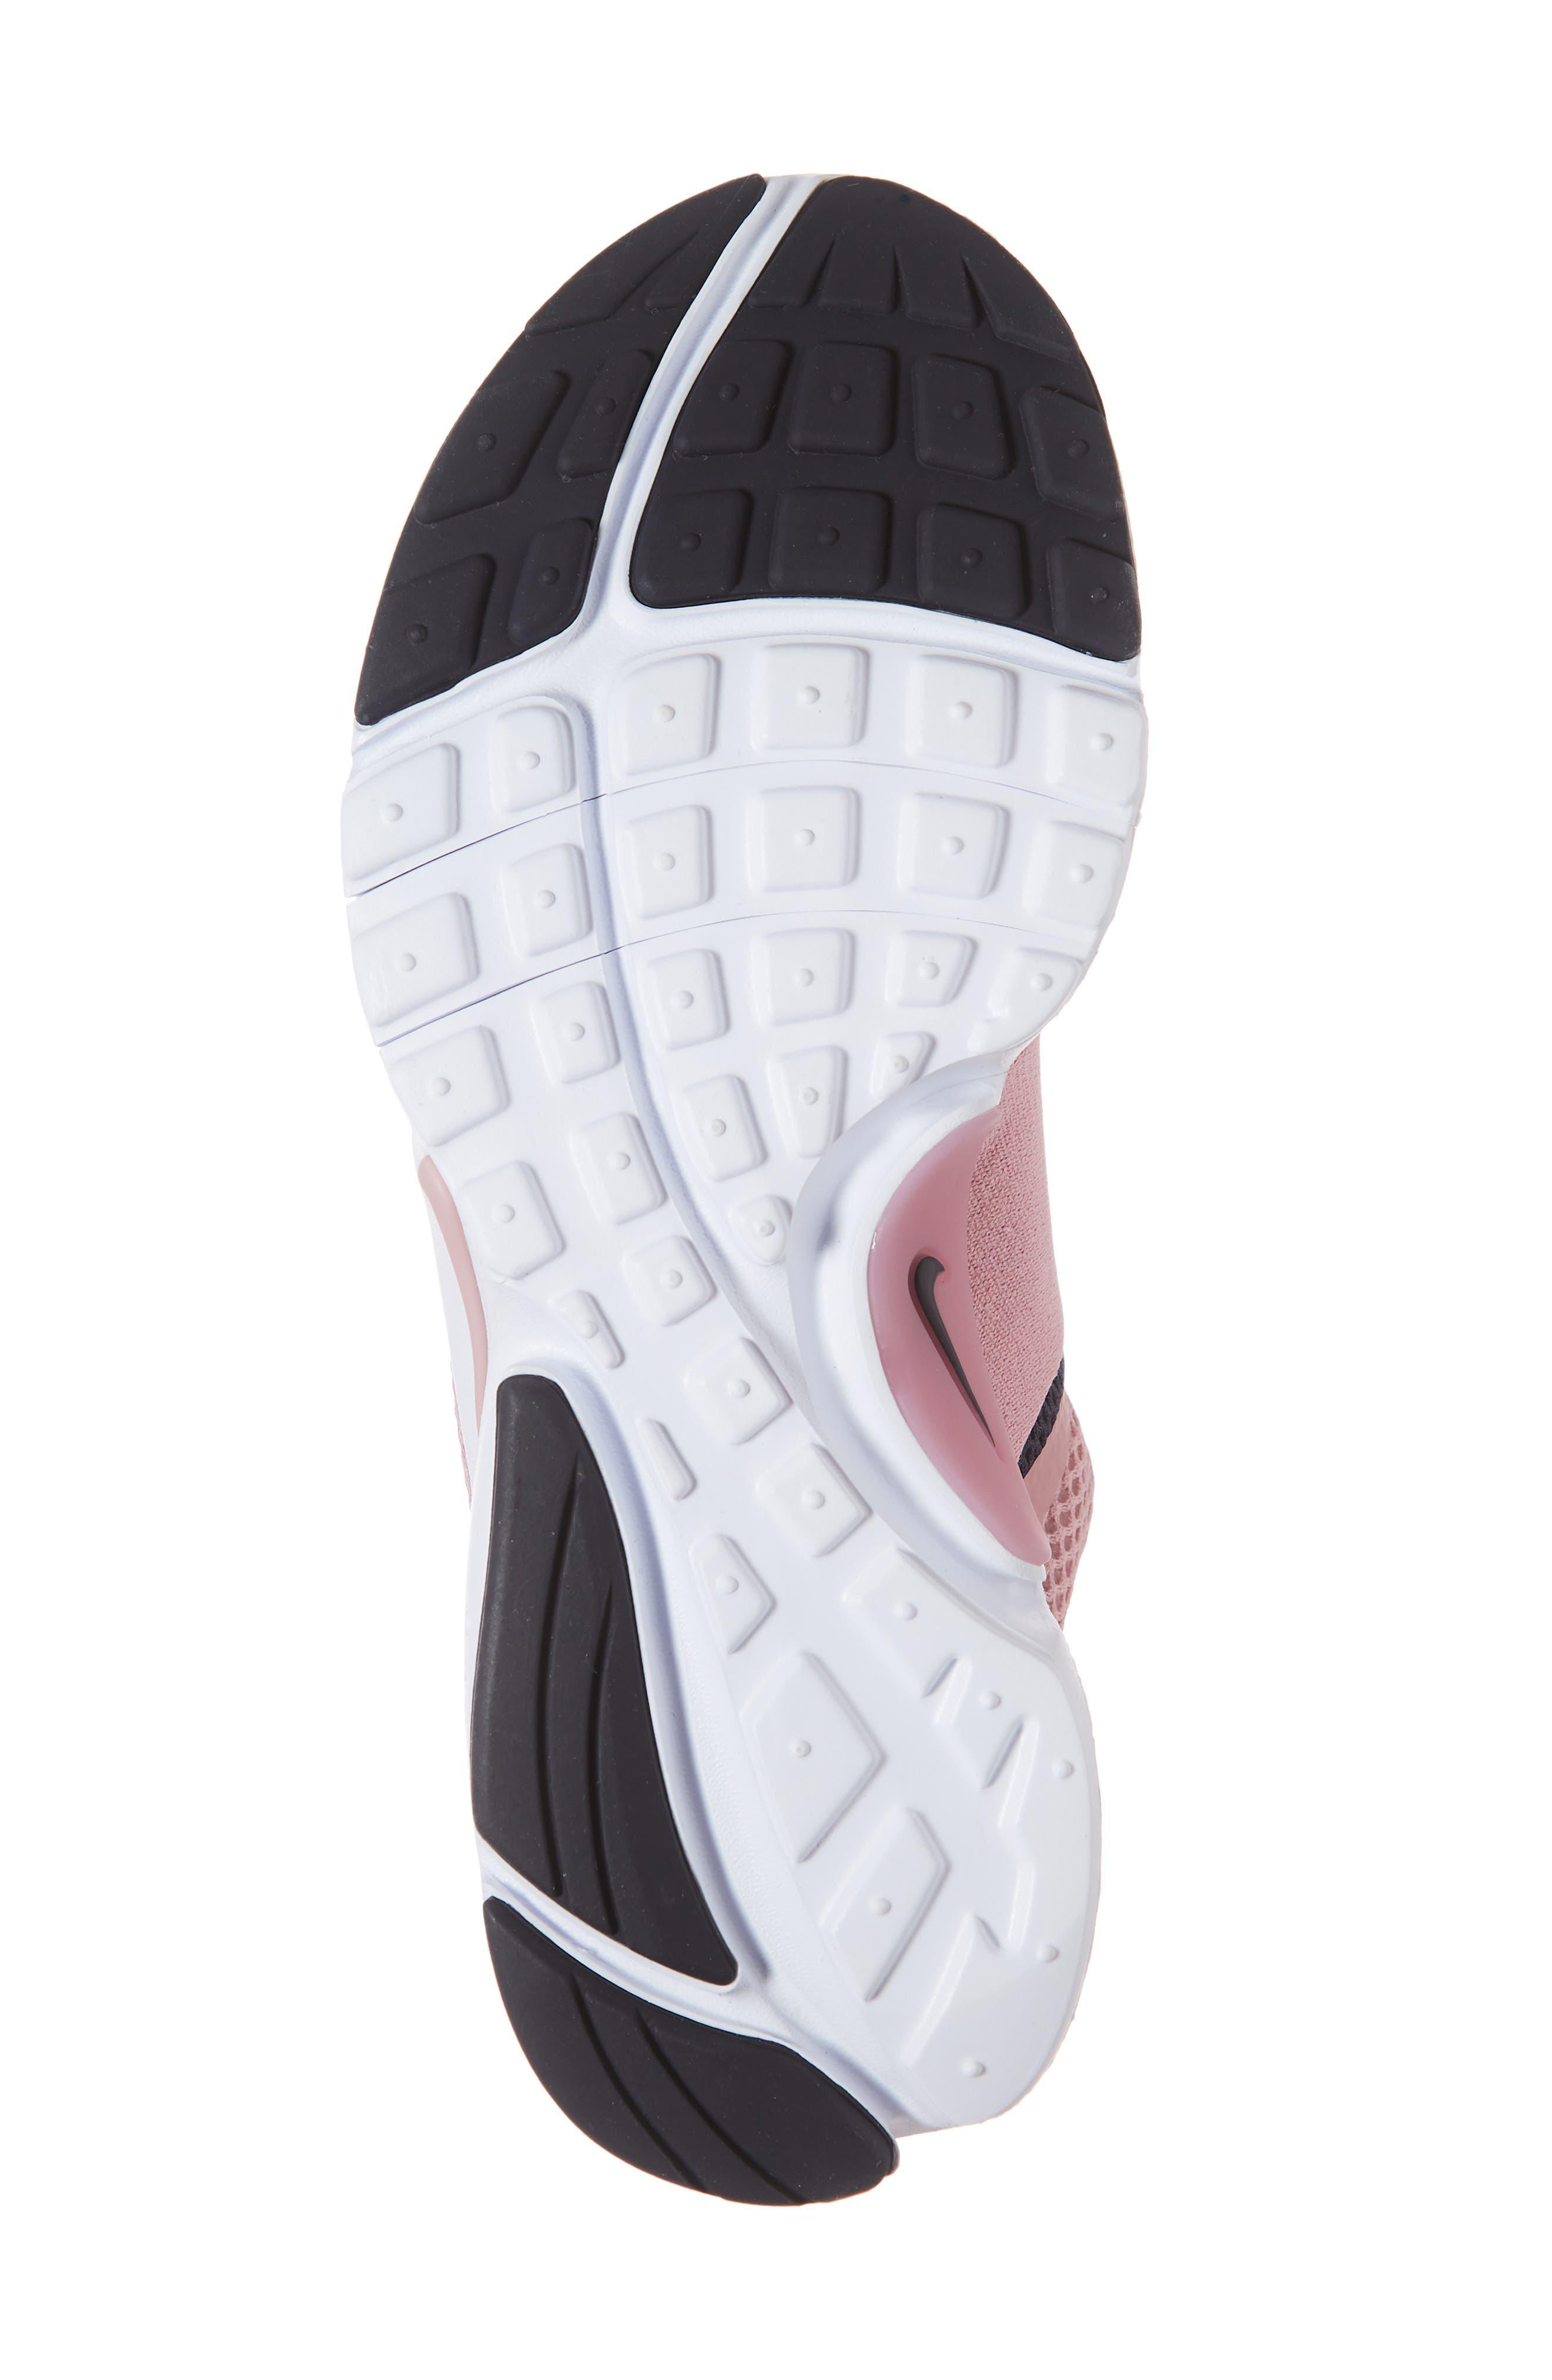 Presto Extreme Sneaker,                             Alternate thumbnail 5, color,                             Elemental Pink/ Gridiron